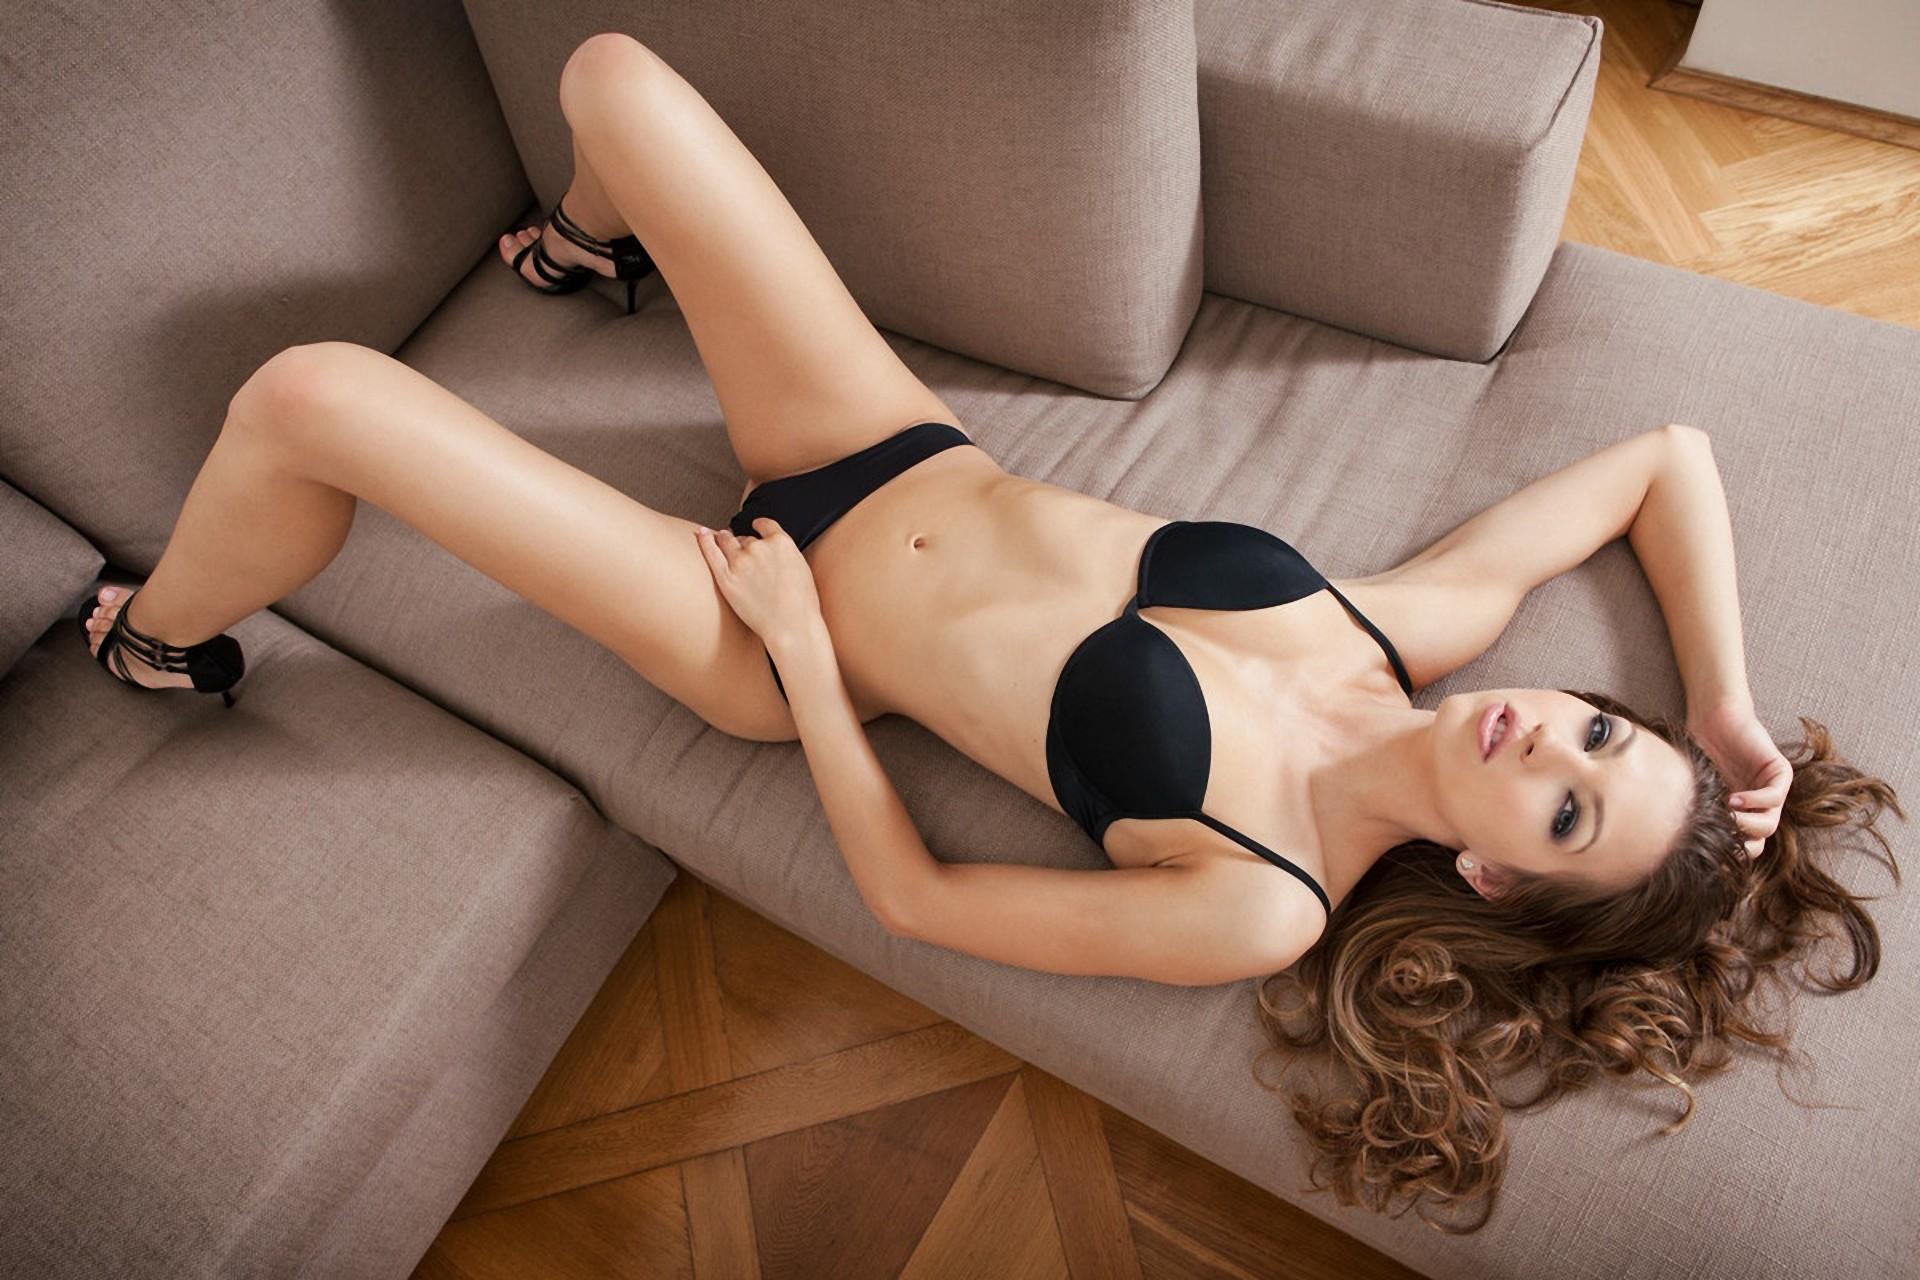 Looking for erotic, girls wearing pantyhose videos